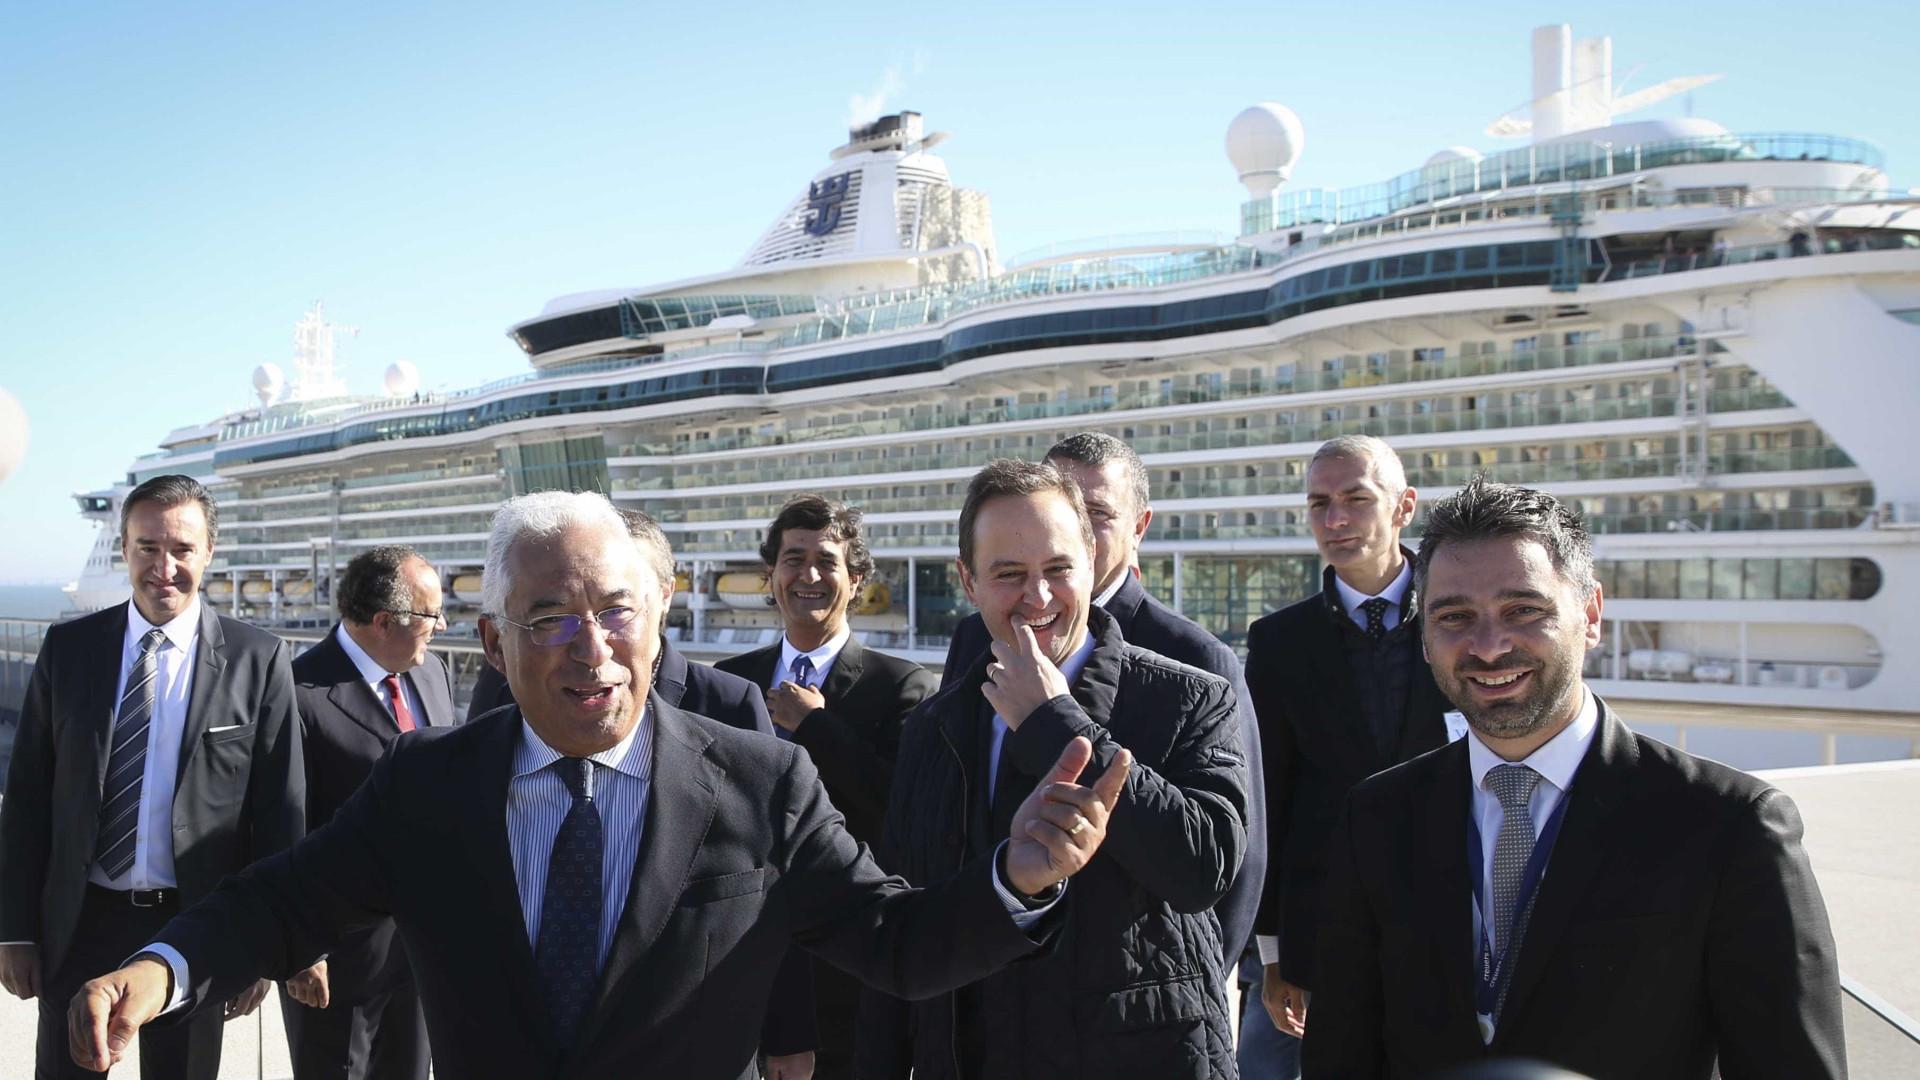 Cruzeiros preveem recordes em 2018 com o novo terminal em Lisboa